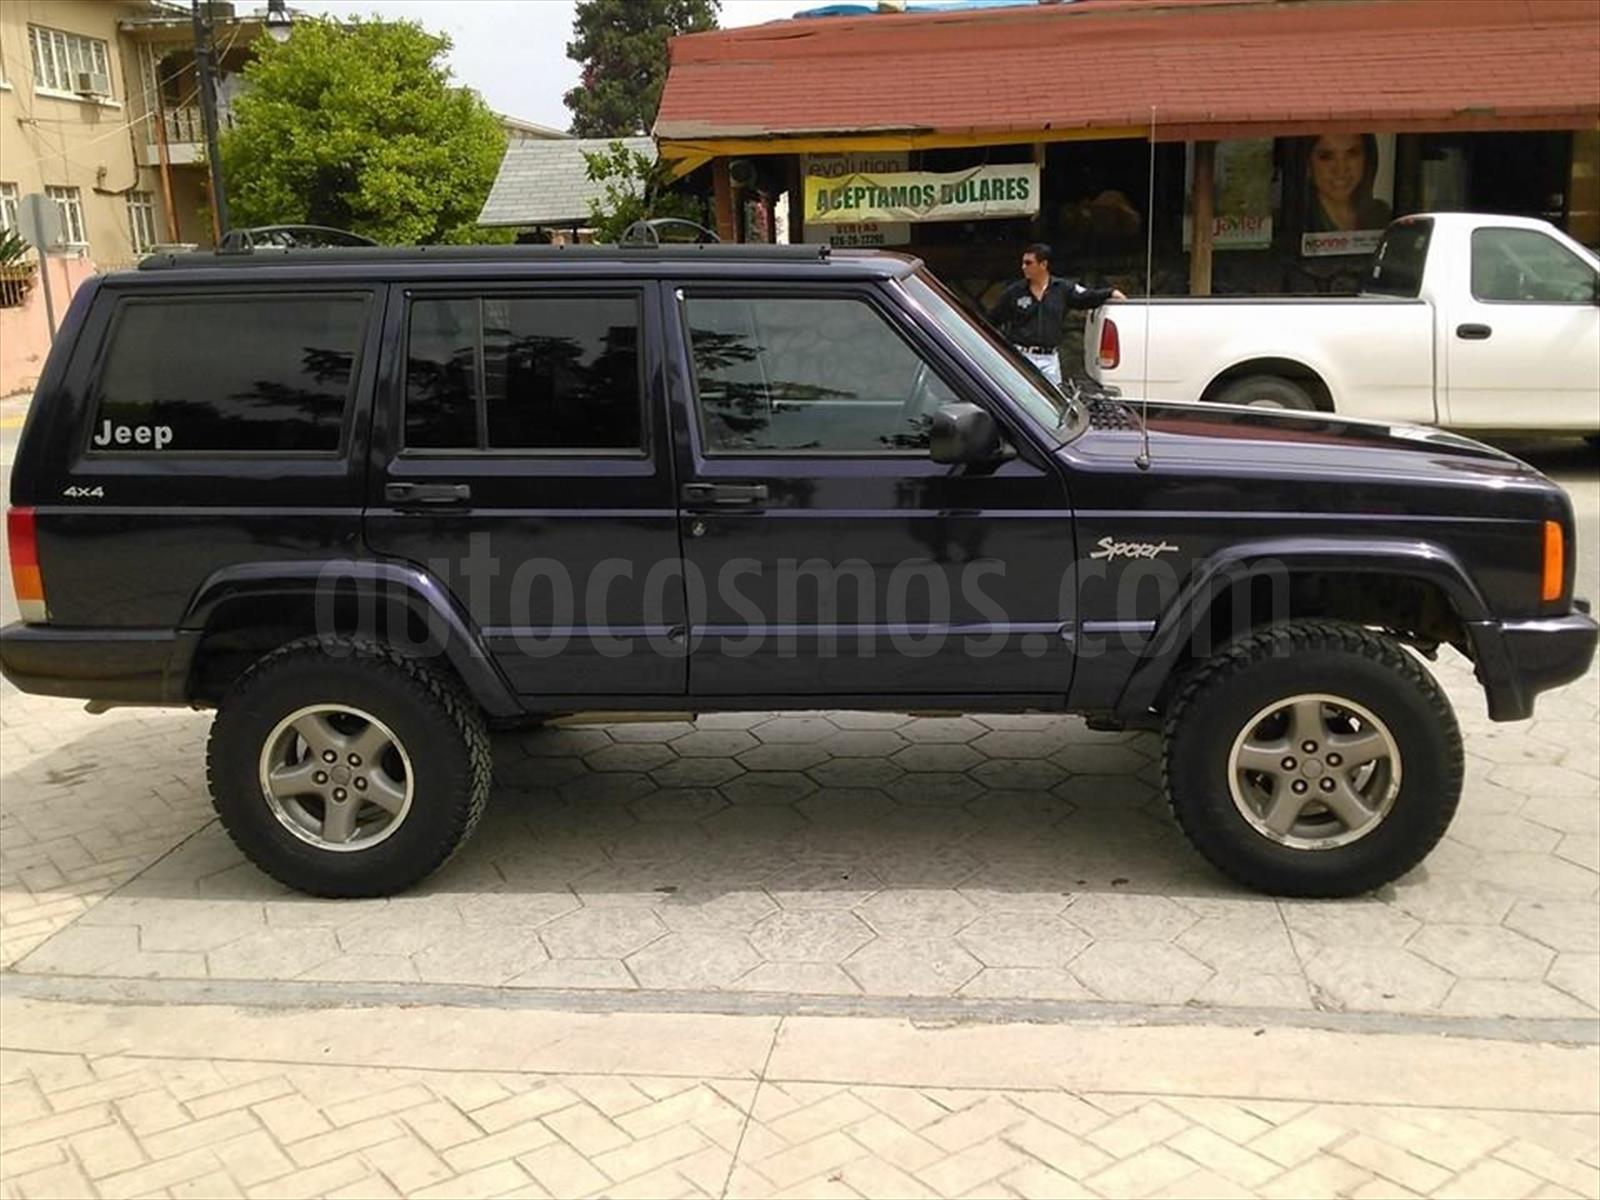 venta autos usado nuevo leon jeep cherokee sport 4x4. Black Bedroom Furniture Sets. Home Design Ideas